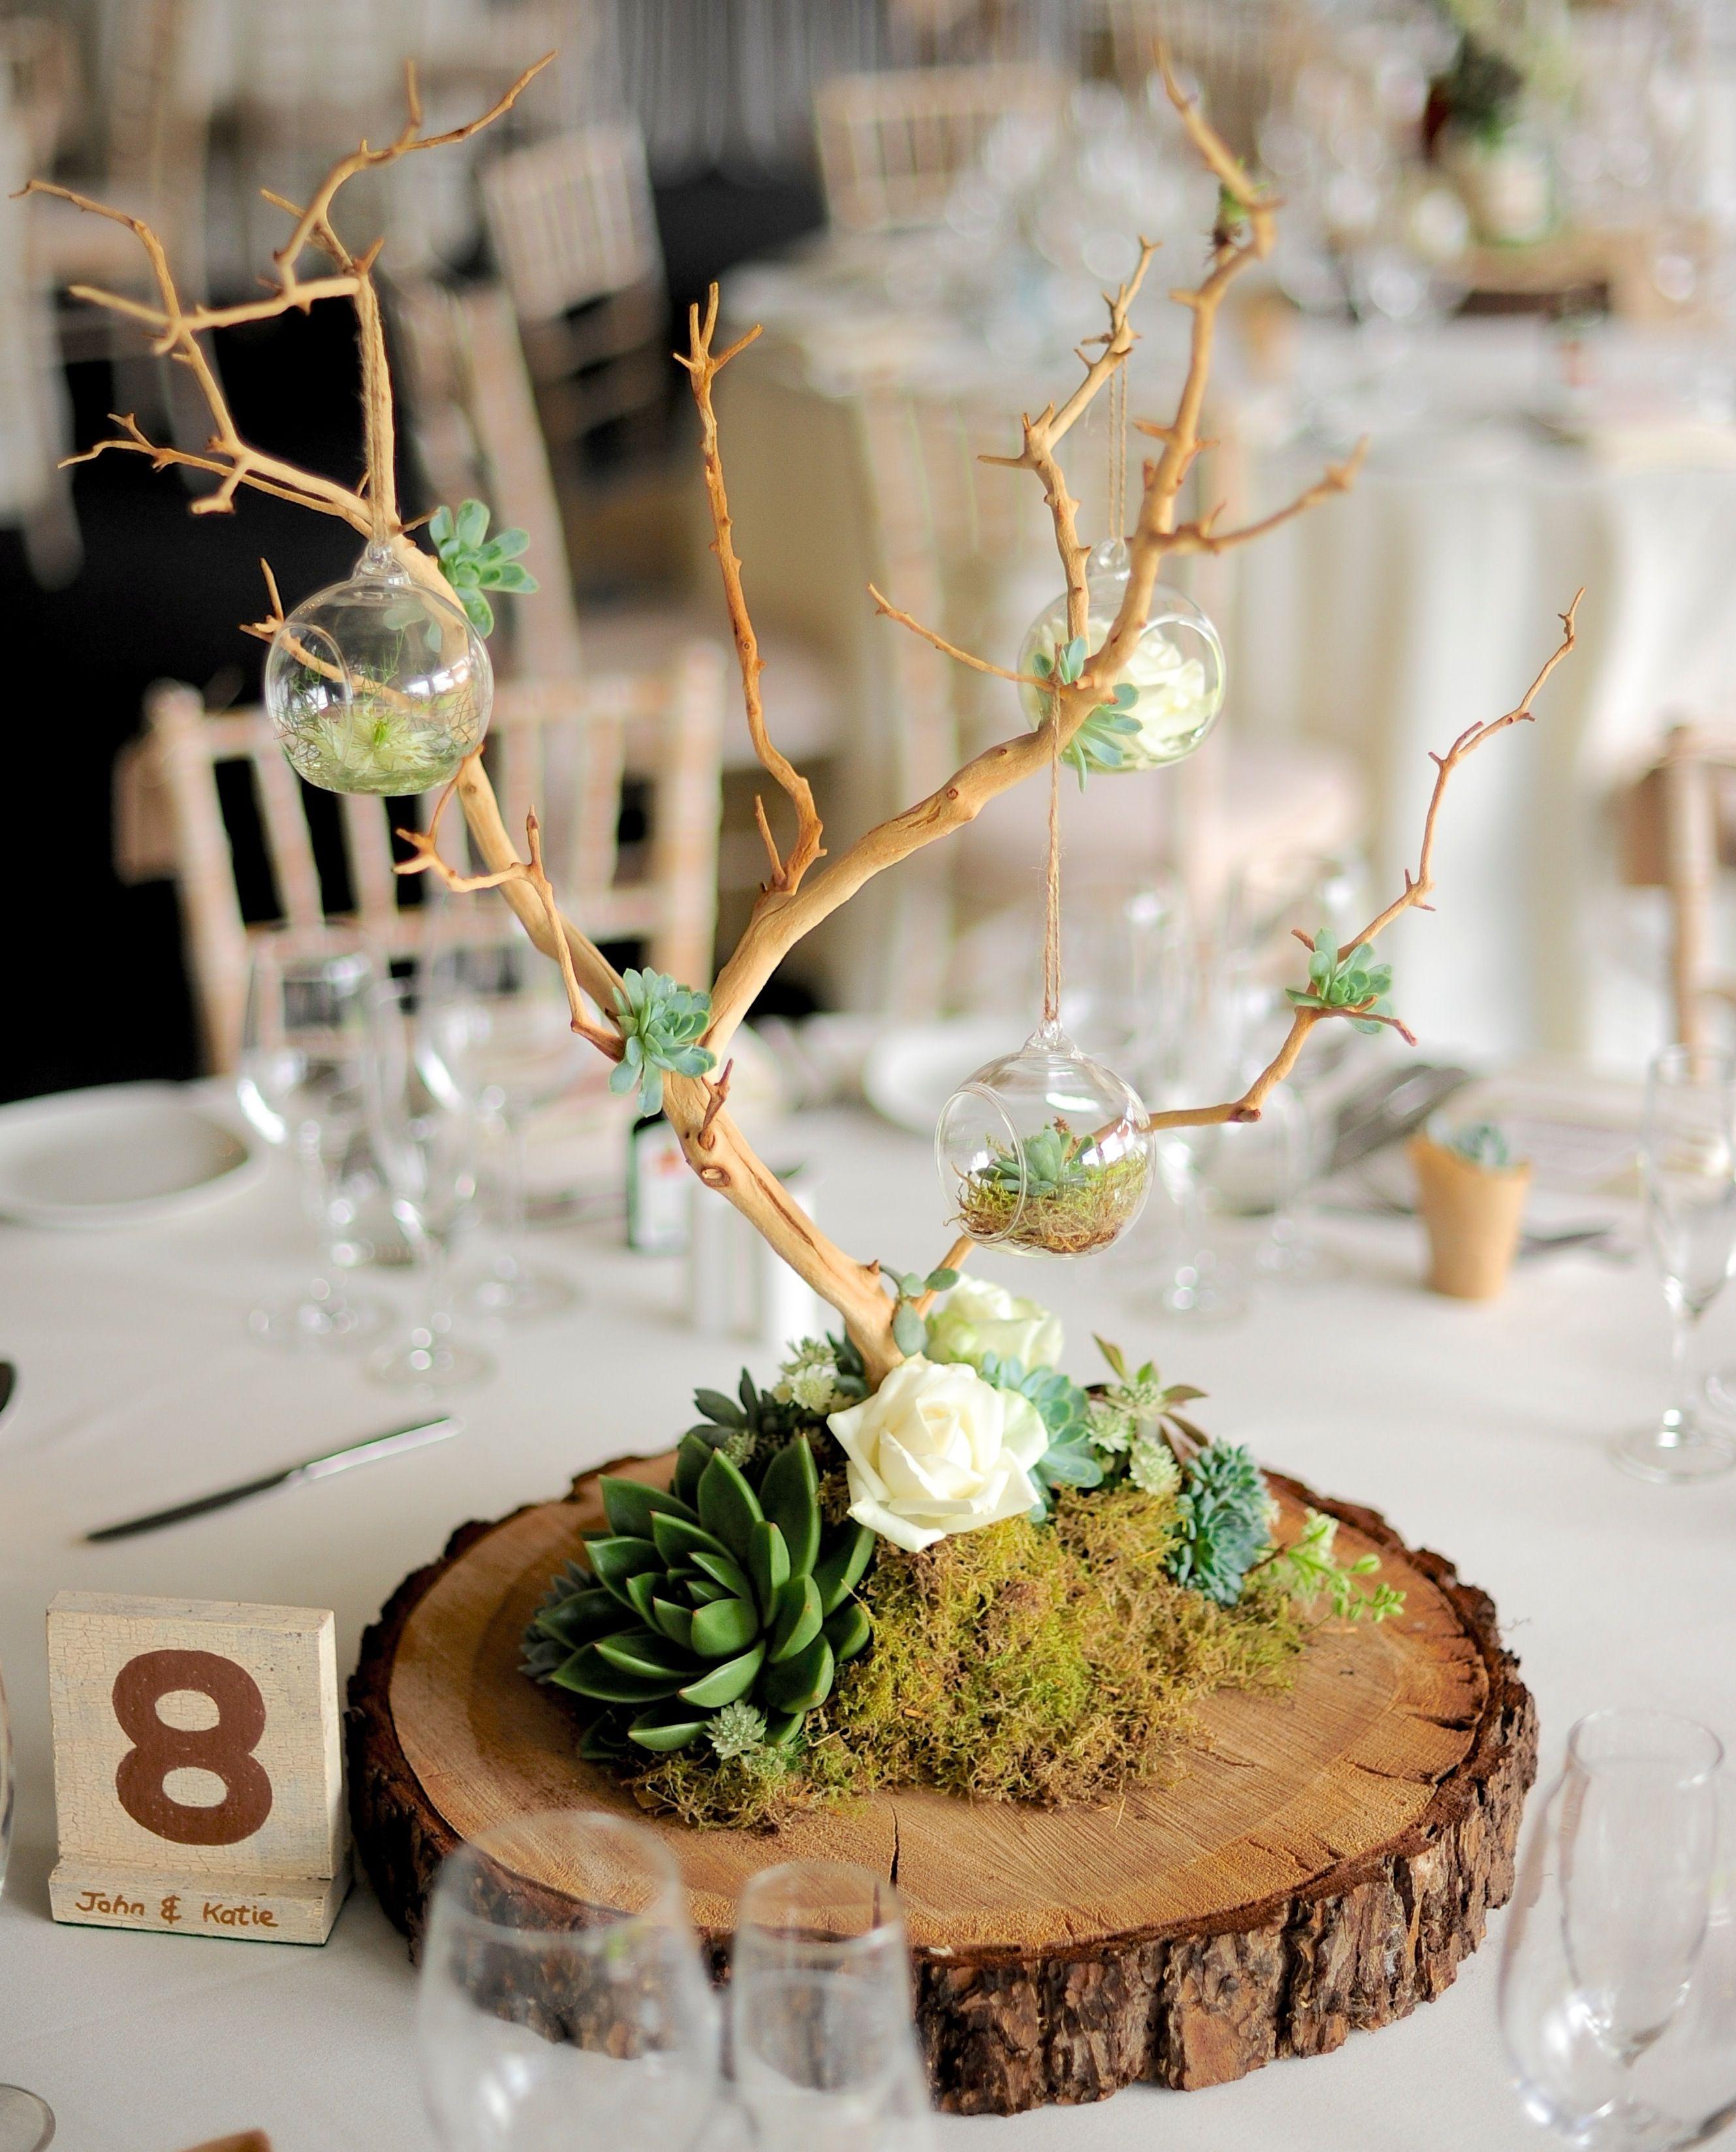 Matrimonio Civil Rustico : Centros de mesa rústicos y originales con troncos maderas